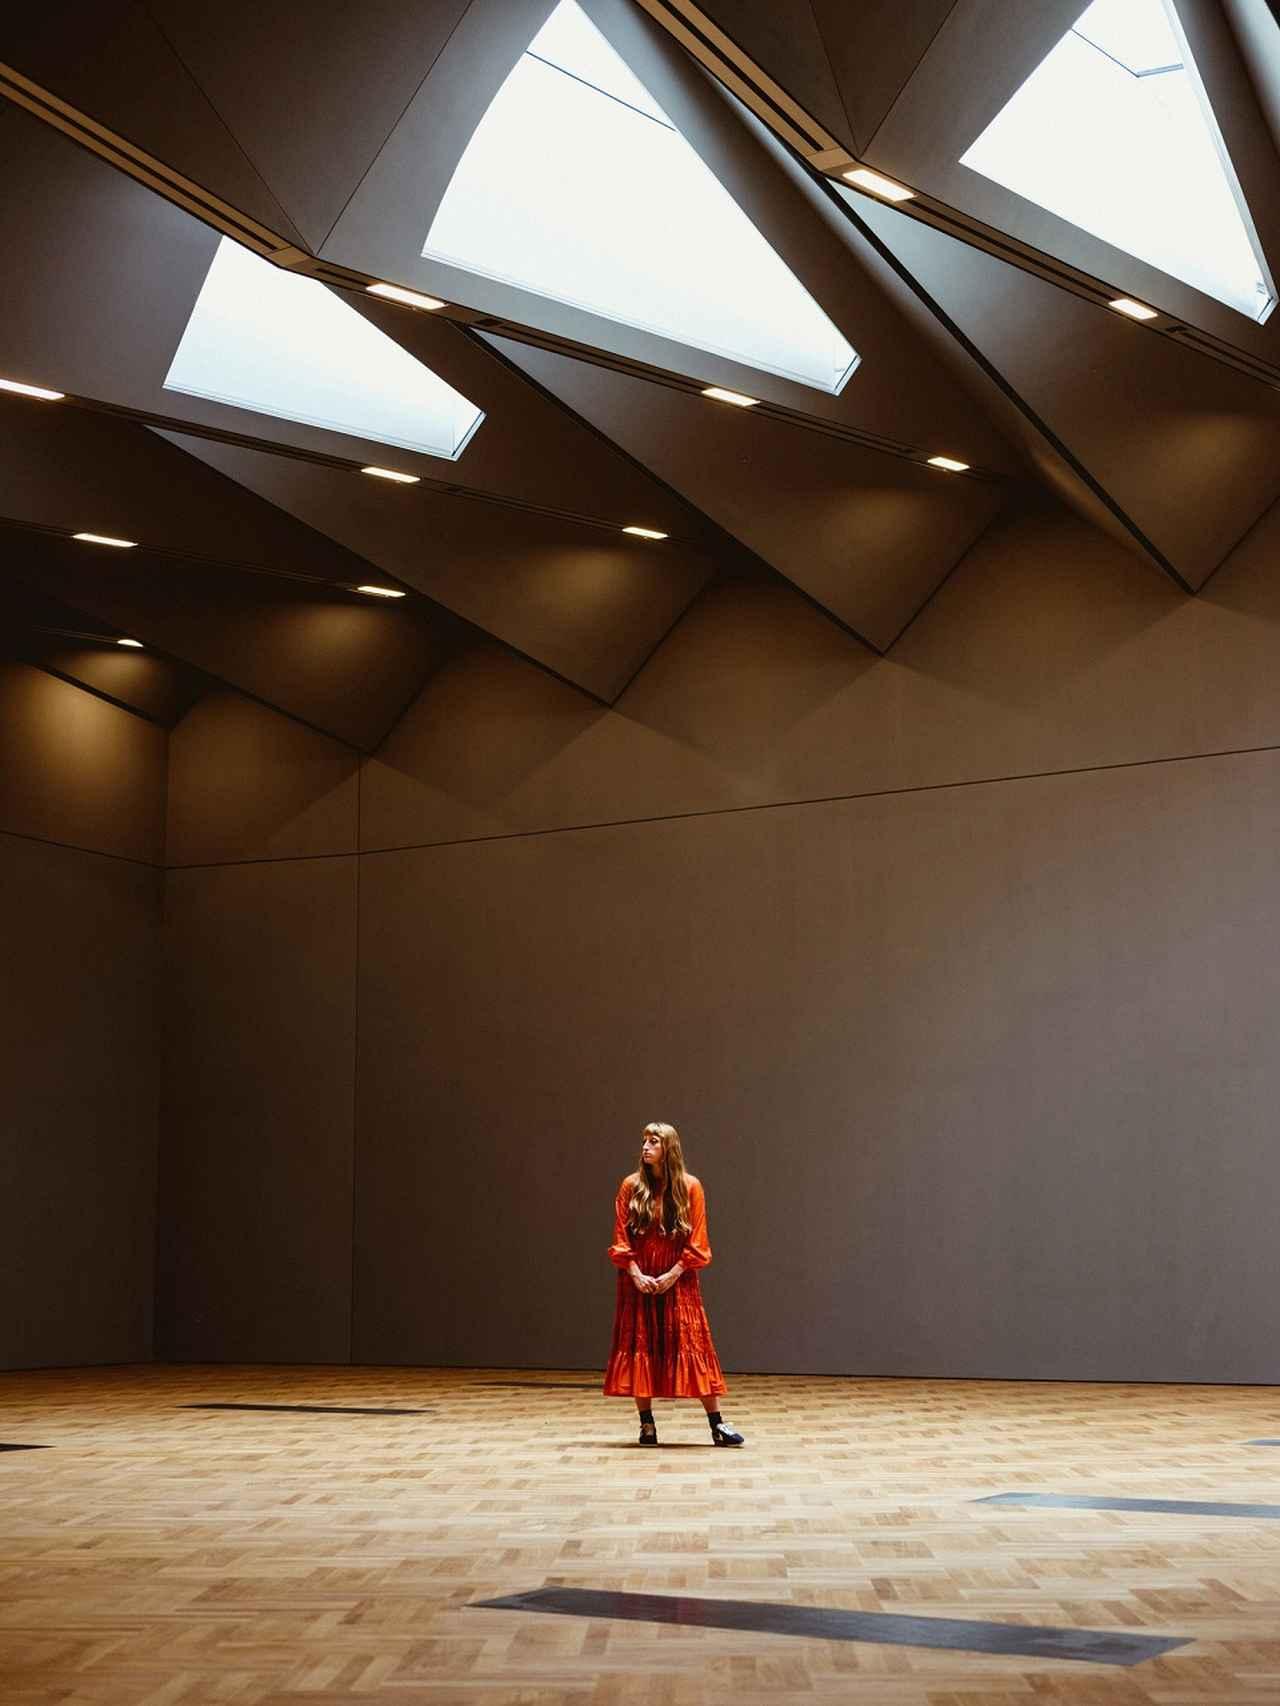 Images : 10番目の画像 - 「期待の若手デザイナー、 モリー・ゴダードの凱旋」のアルバム - T JAPAN:The New York Times Style Magazine 公式サイト